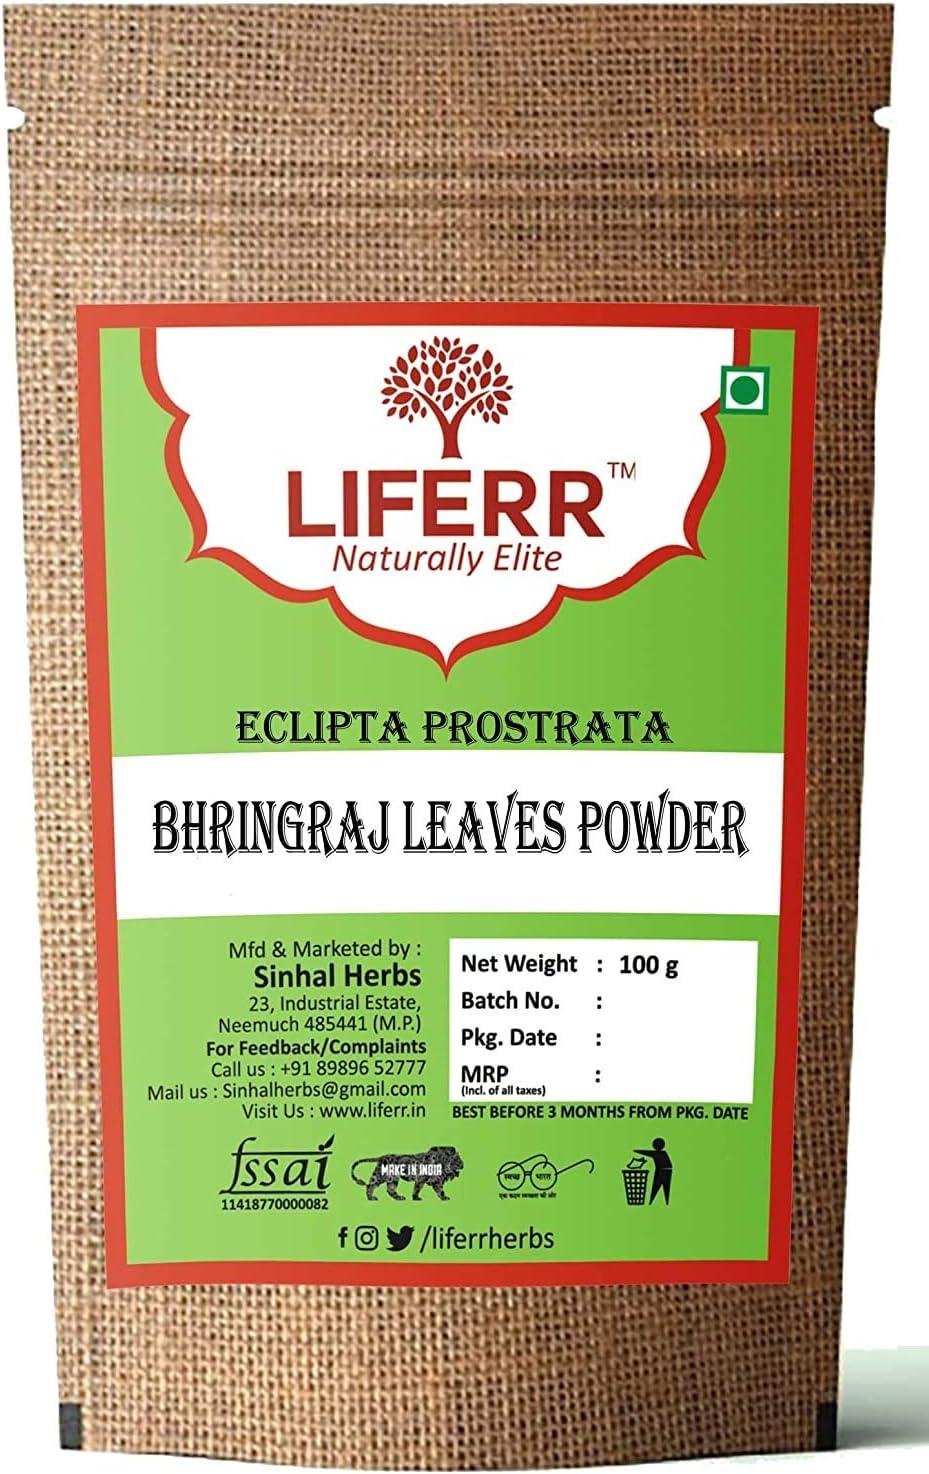 Dharma LIFERR Dried Bhringraj Leaves Powder Eclipta Alba Powde 55% online shopping OFF